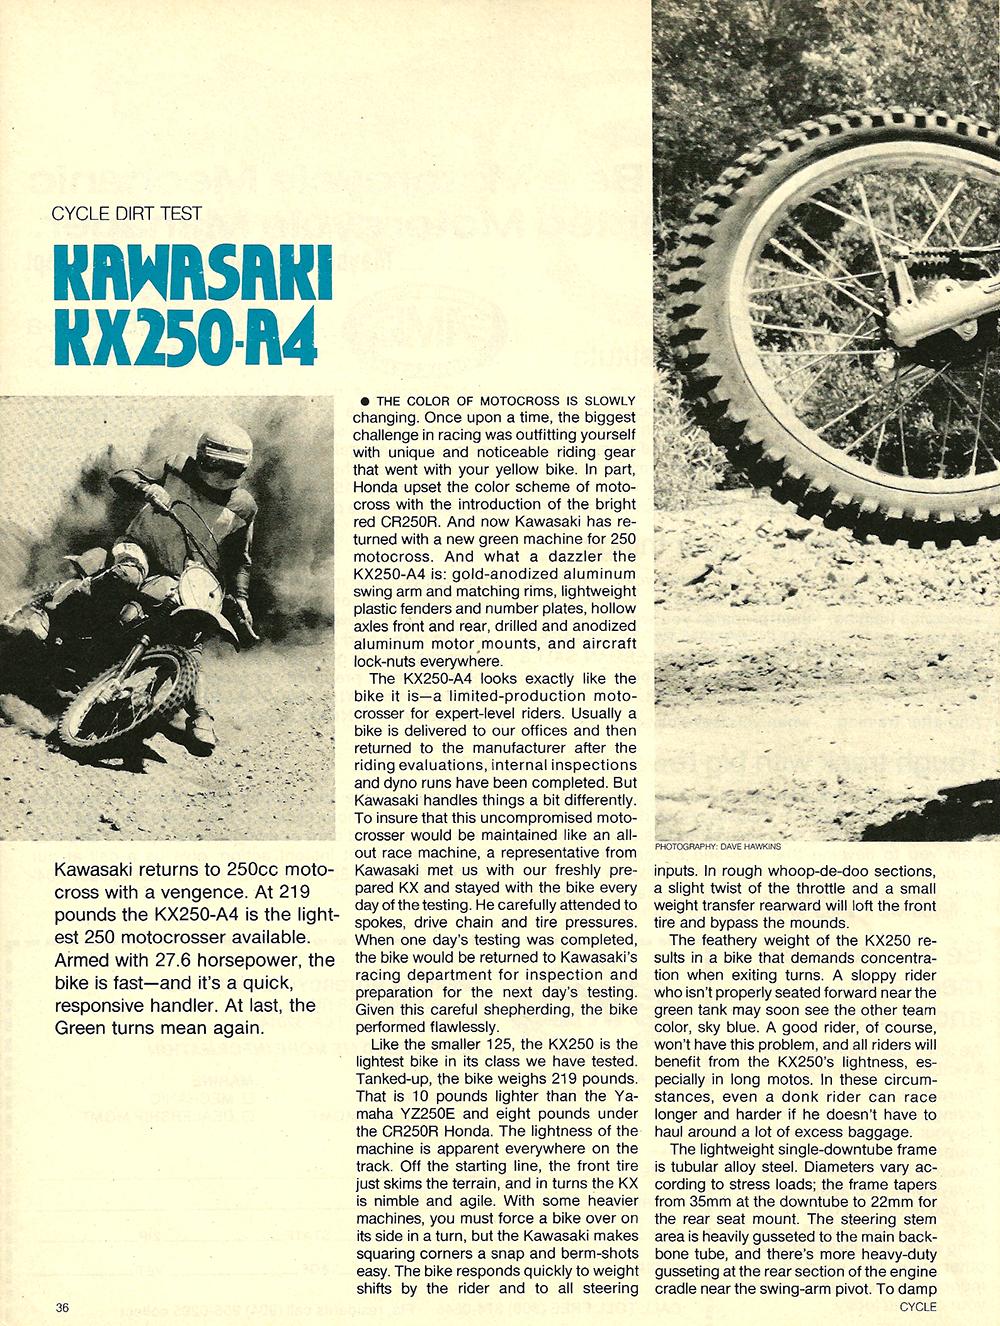 1978 Kawasaki KX250 A4 road test 01.jpg